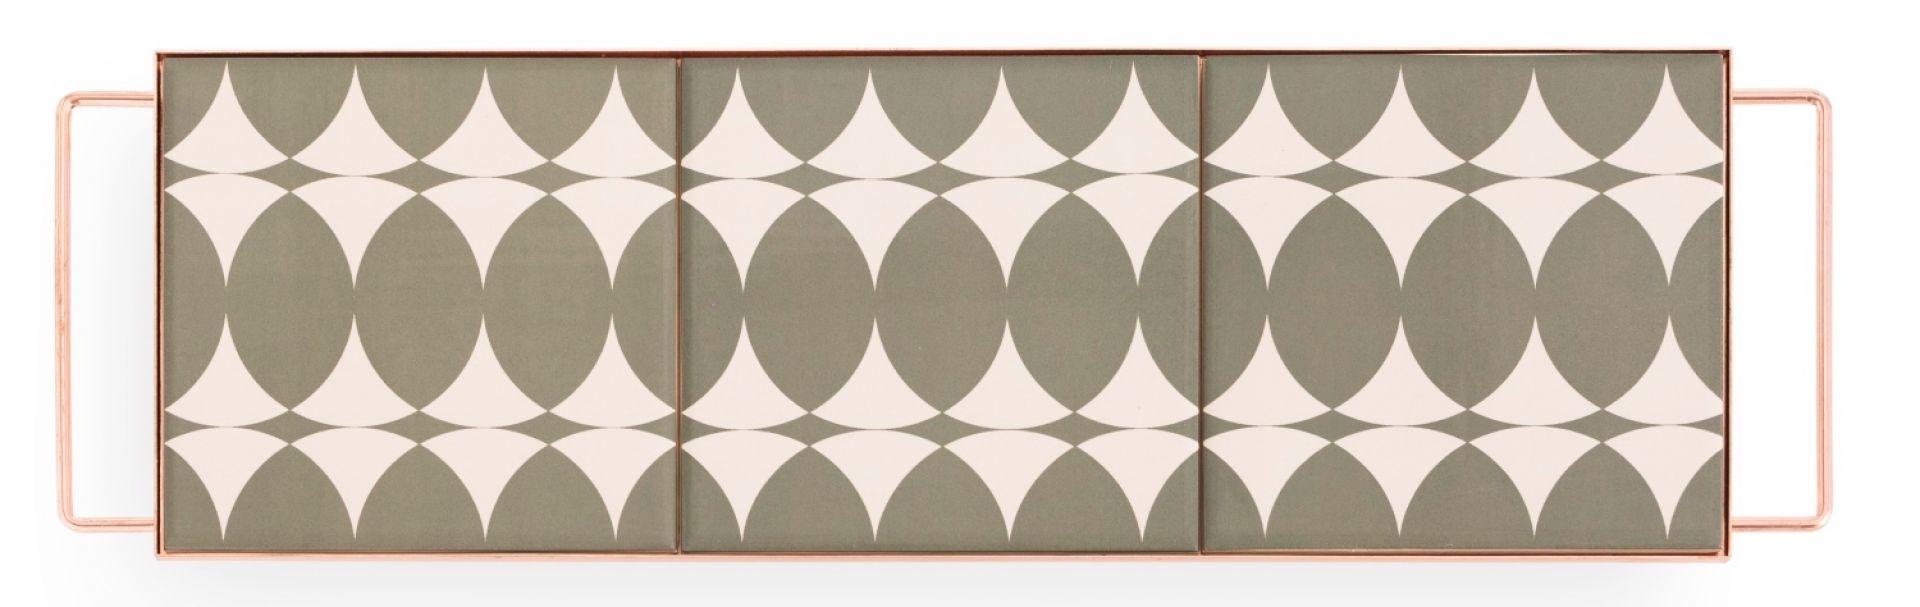 Mix & Match Tablett GAN 45x15-grau